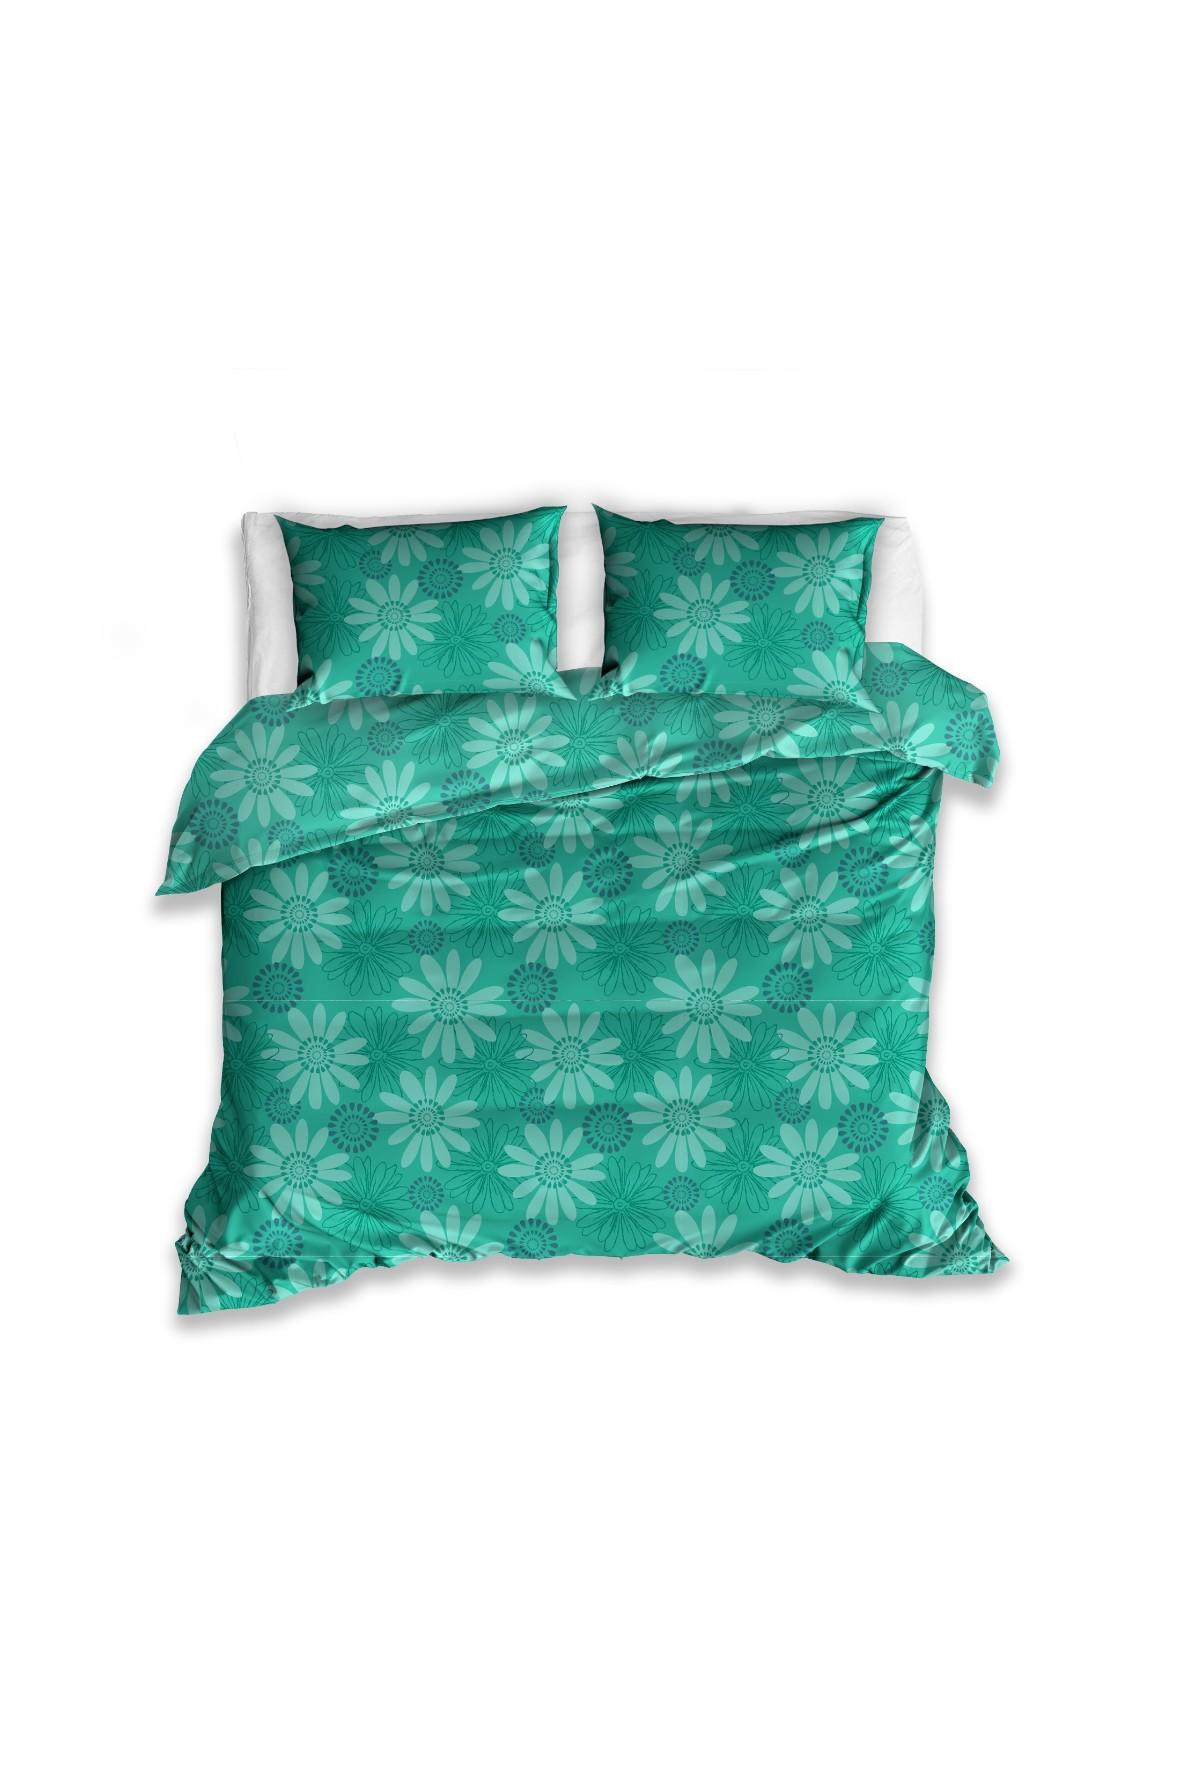 Komplet pościeli Renforce- zielona w kwiaty 160x200cm +2szt 70x80cm